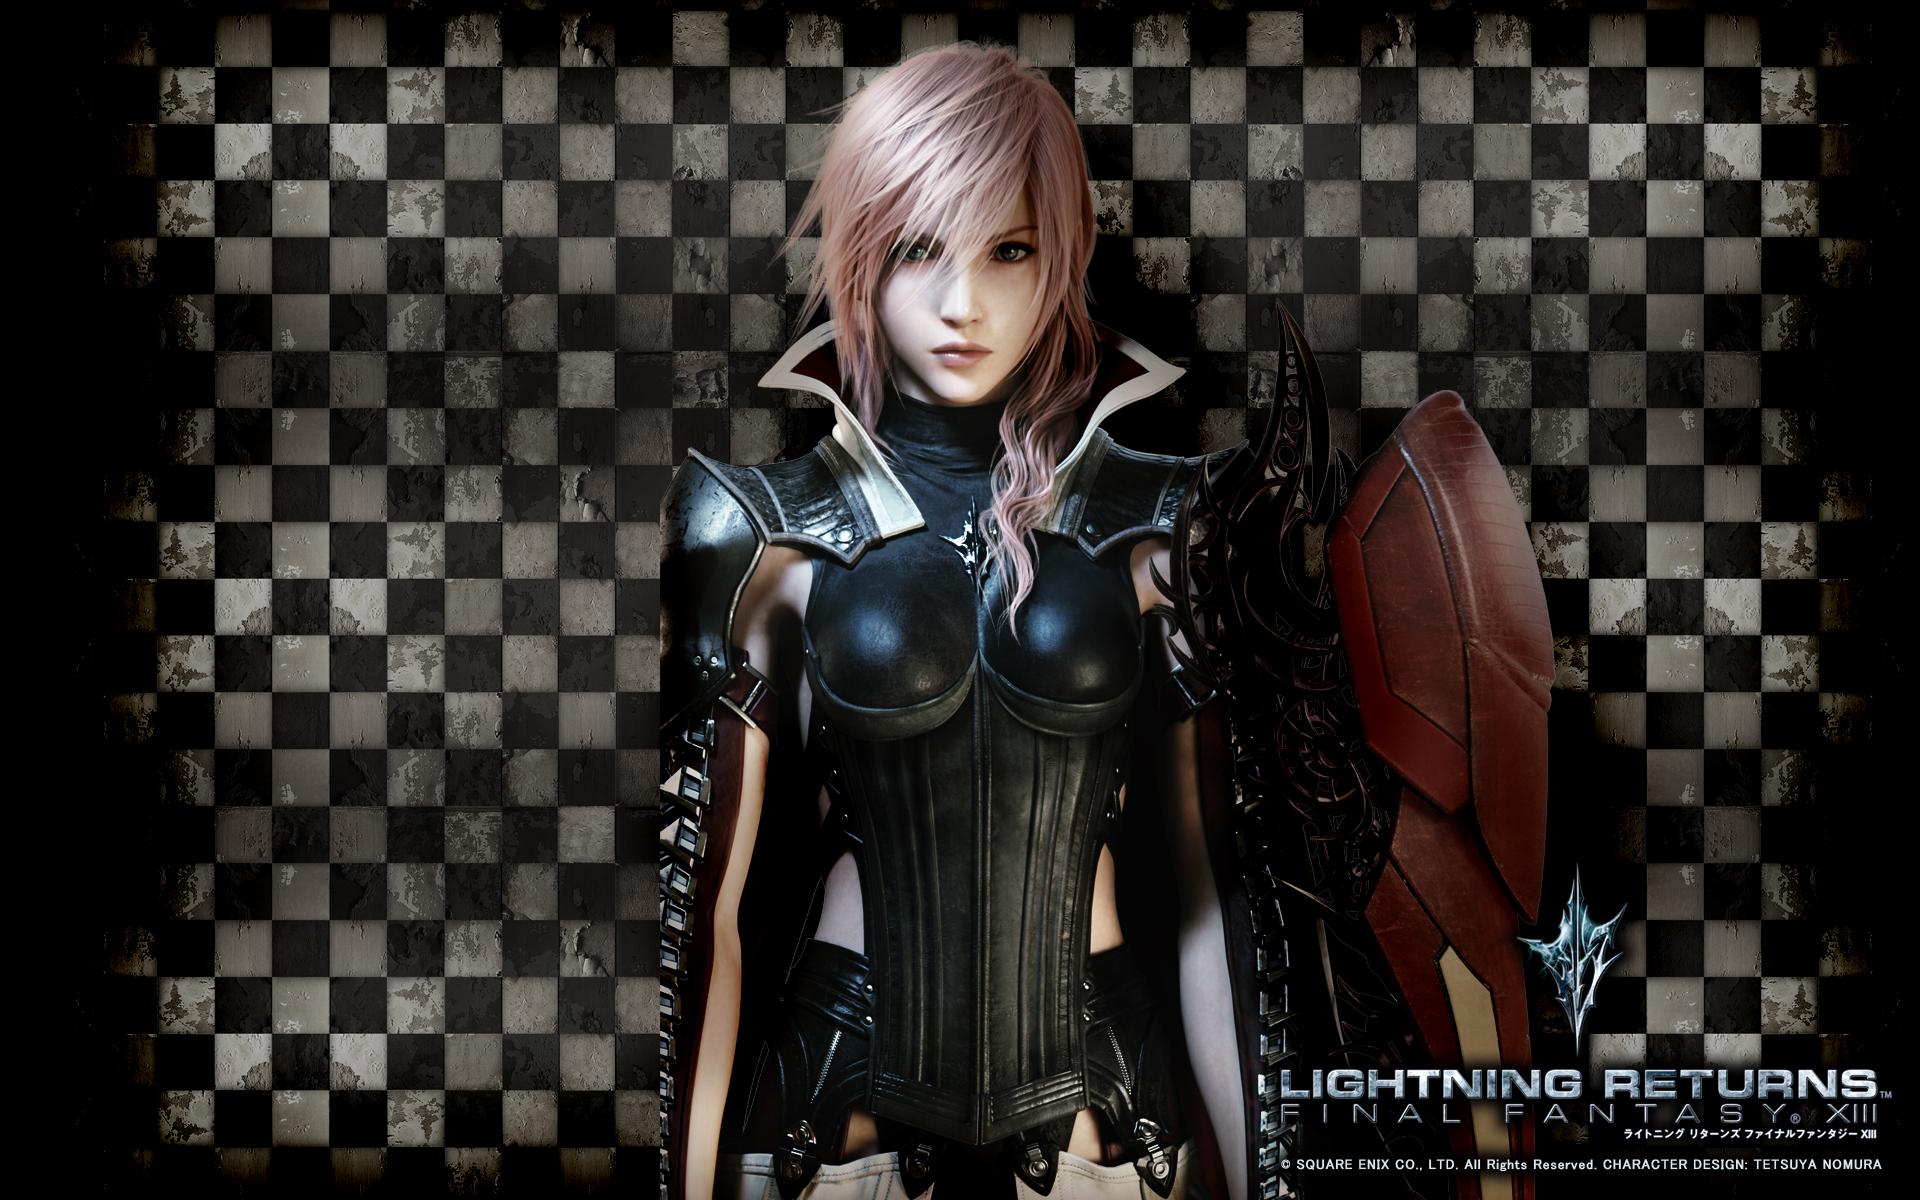 Lightning_Returns_Promo